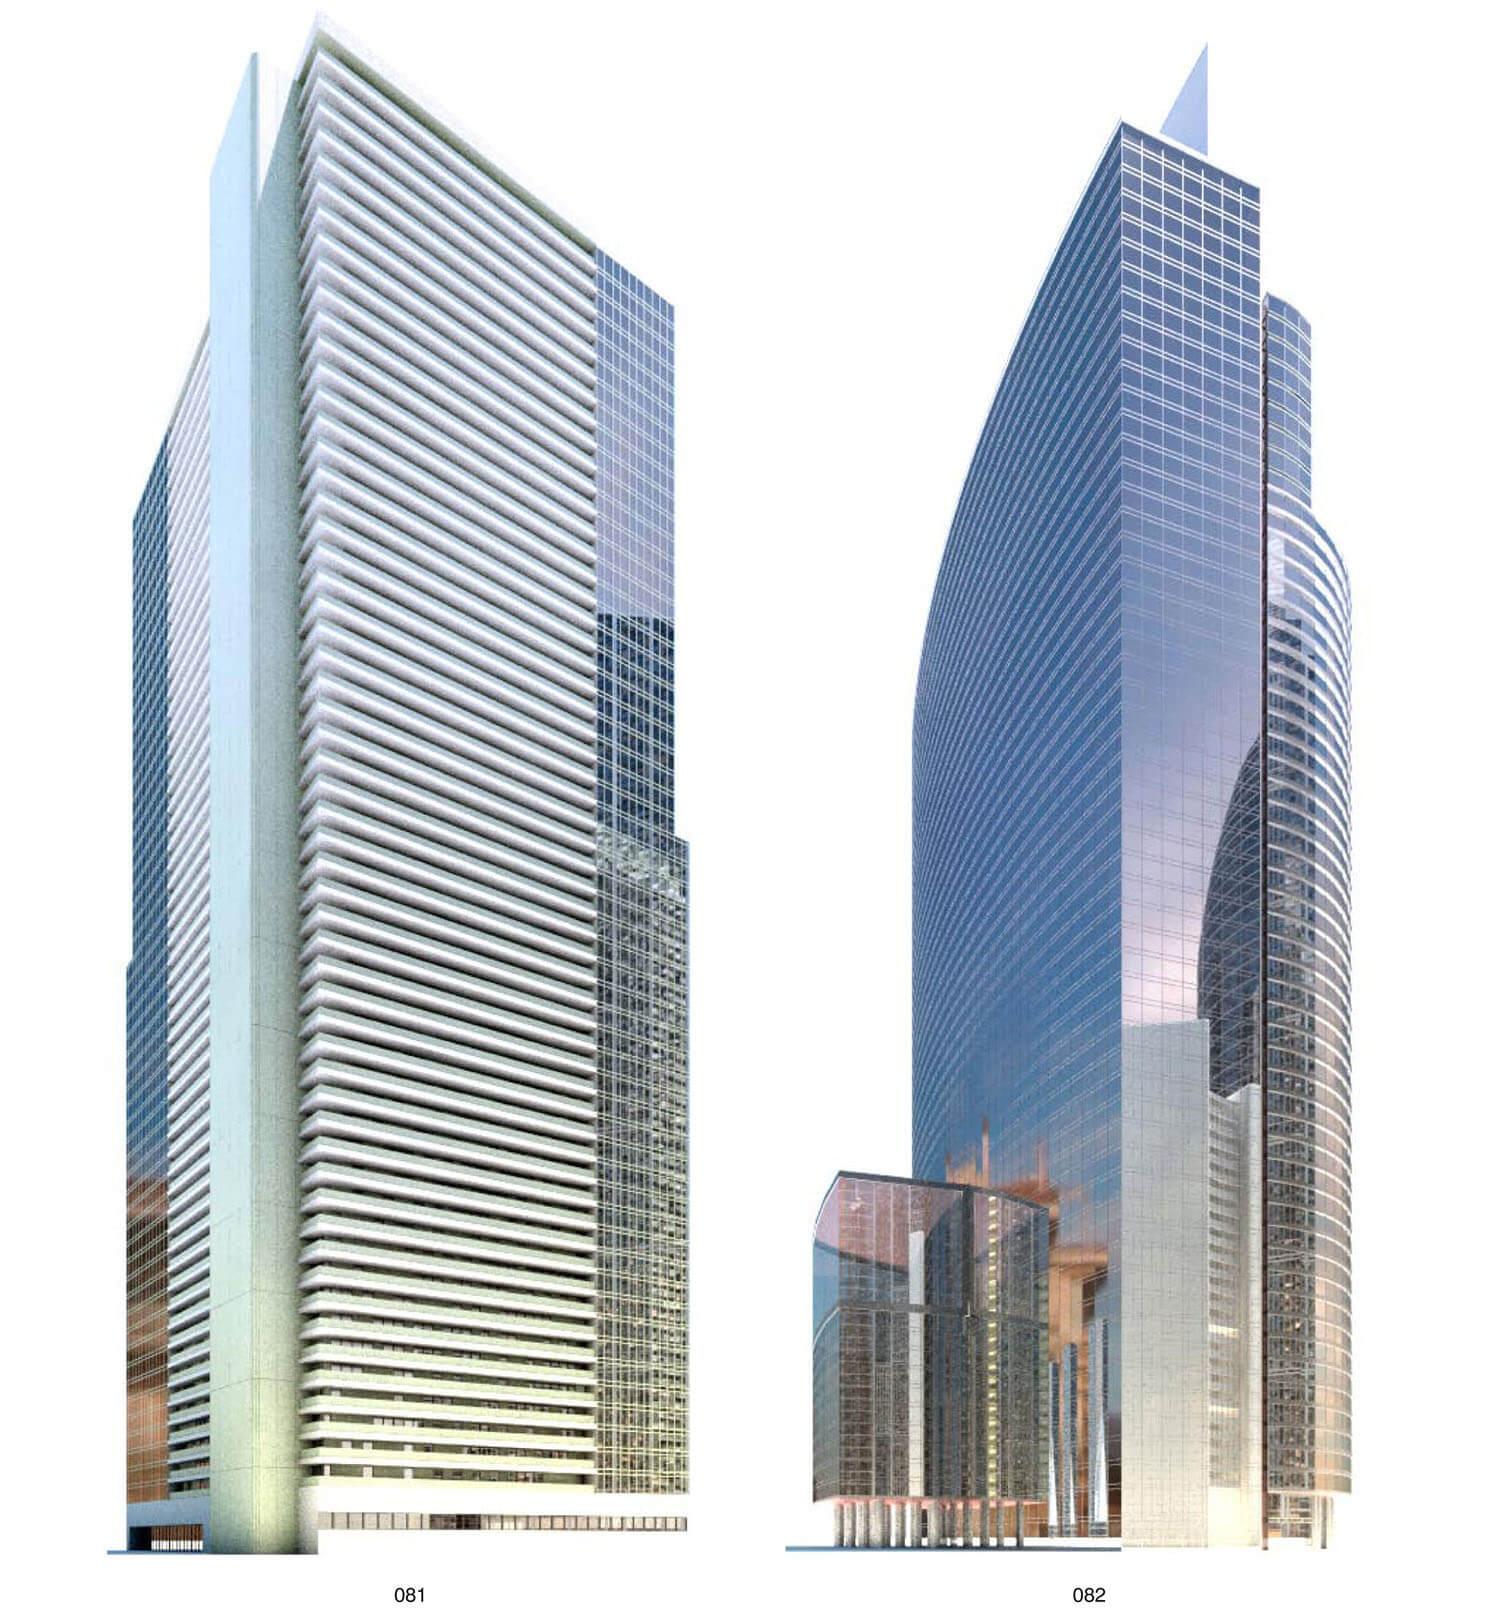 Thiết kế tòa nhà cao tầng có nhiều mặt kính